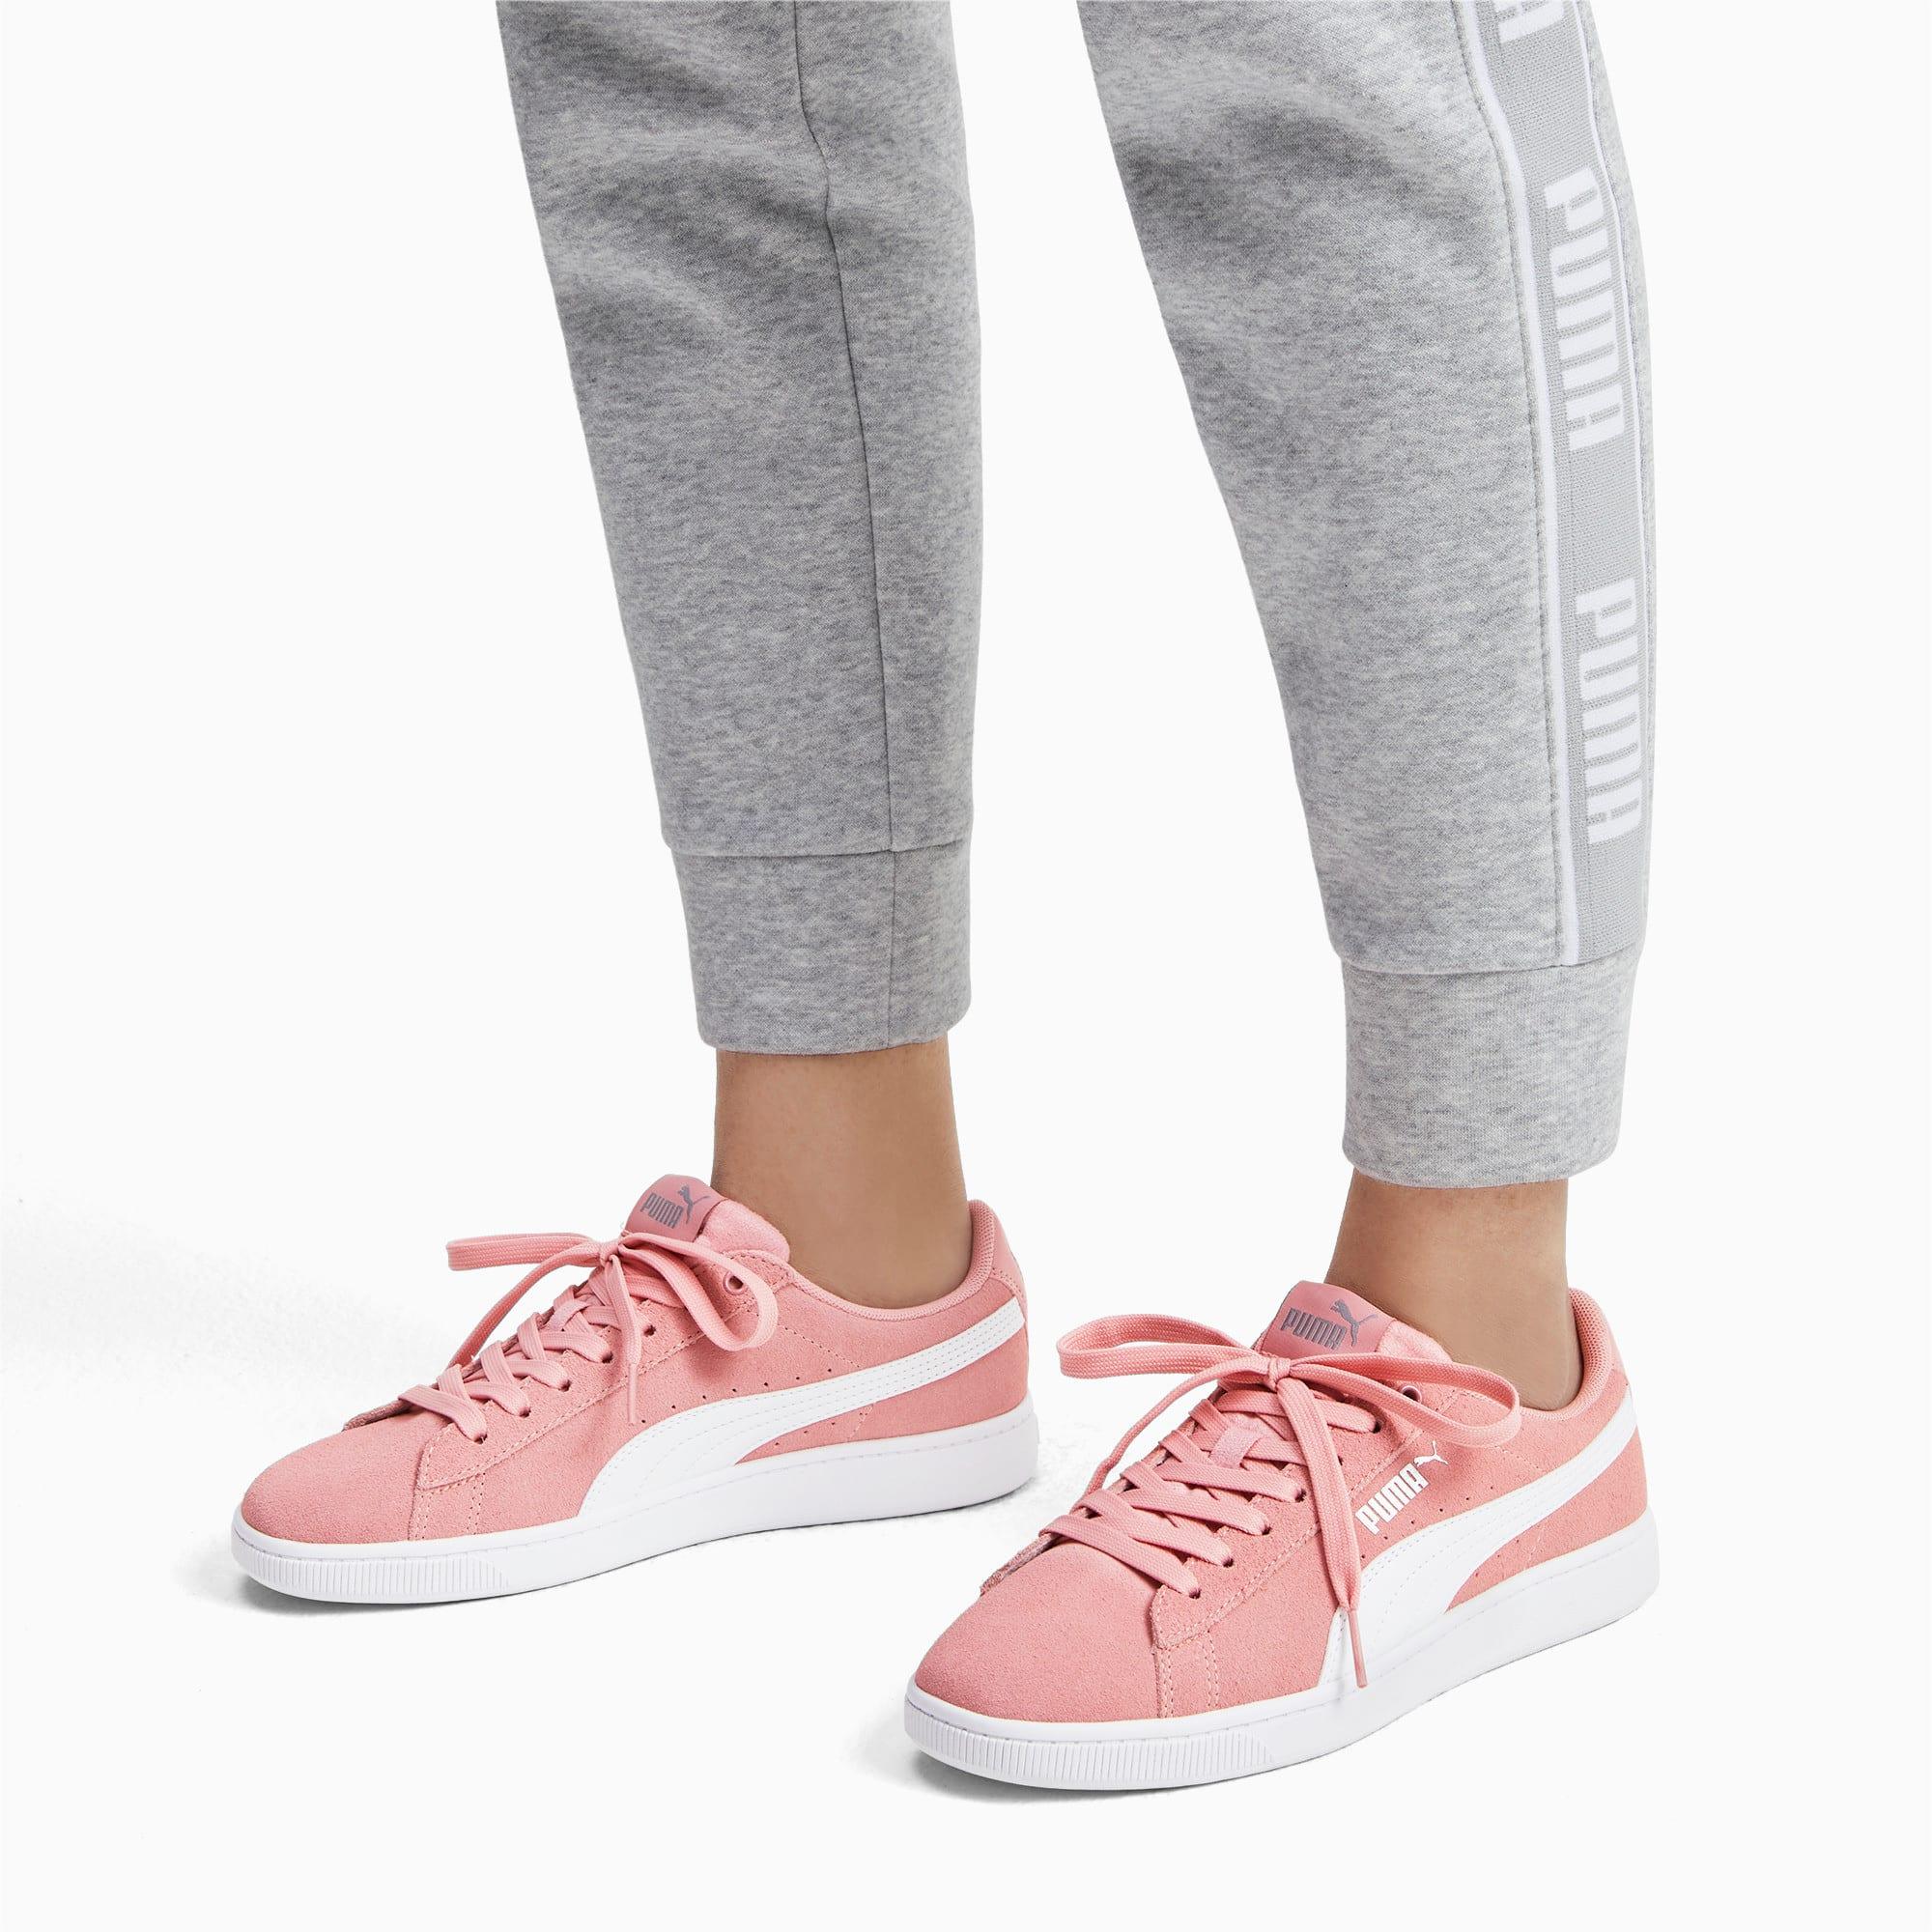 Thumbnail 3 of PUMA Vikky v2 Women's Sneakers, Bridal Rose-White-Silver, medium